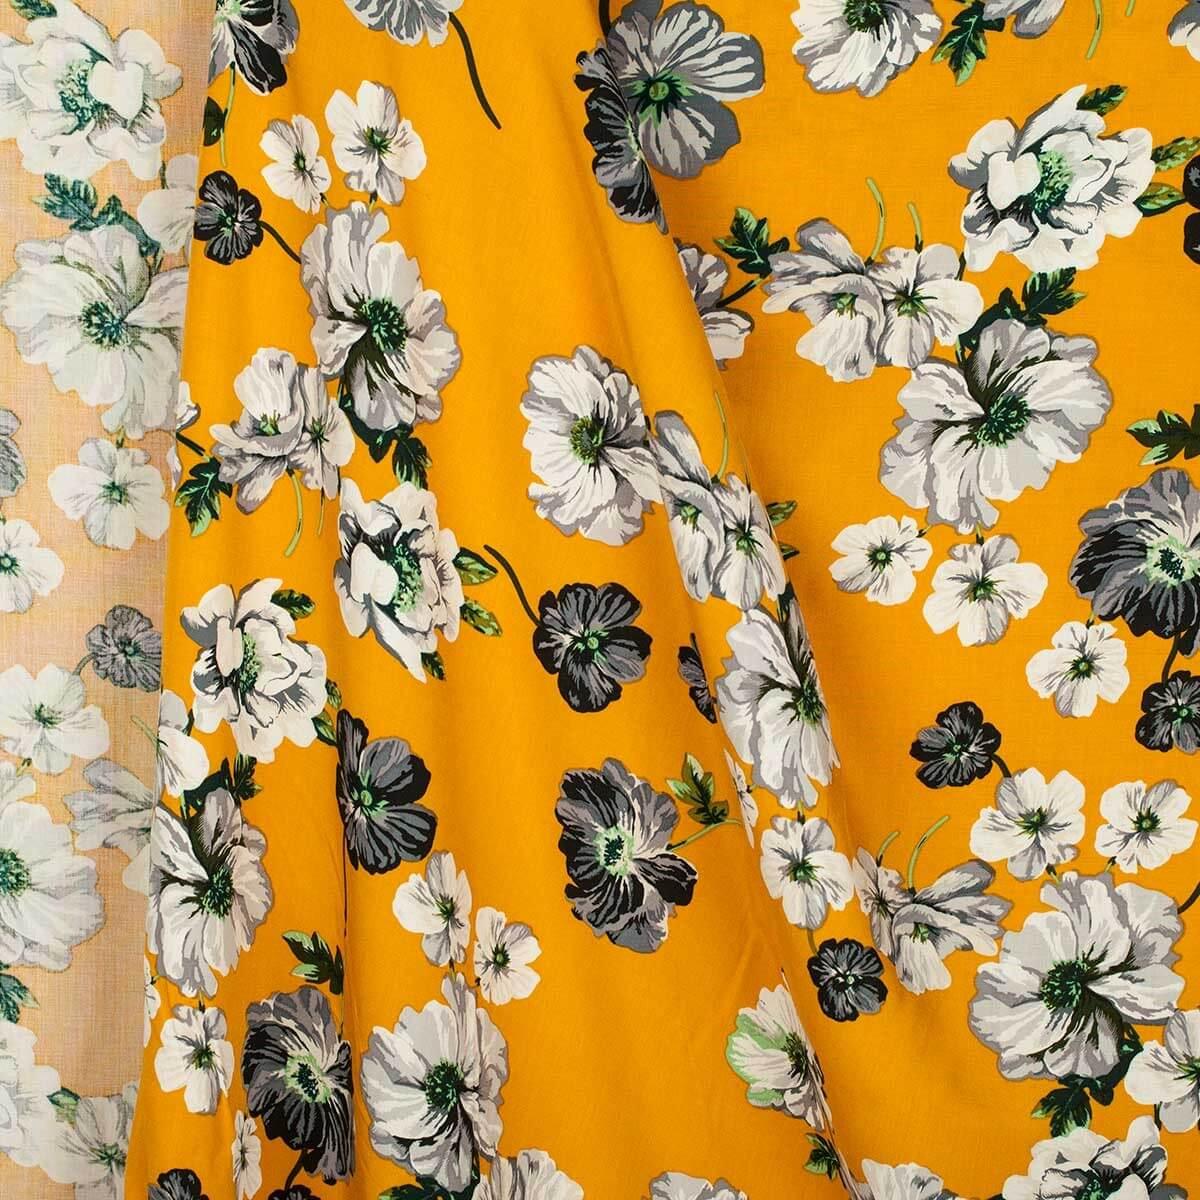 tissu viscose fleurs moutarde mercerie car fil. Black Bedroom Furniture Sets. Home Design Ideas